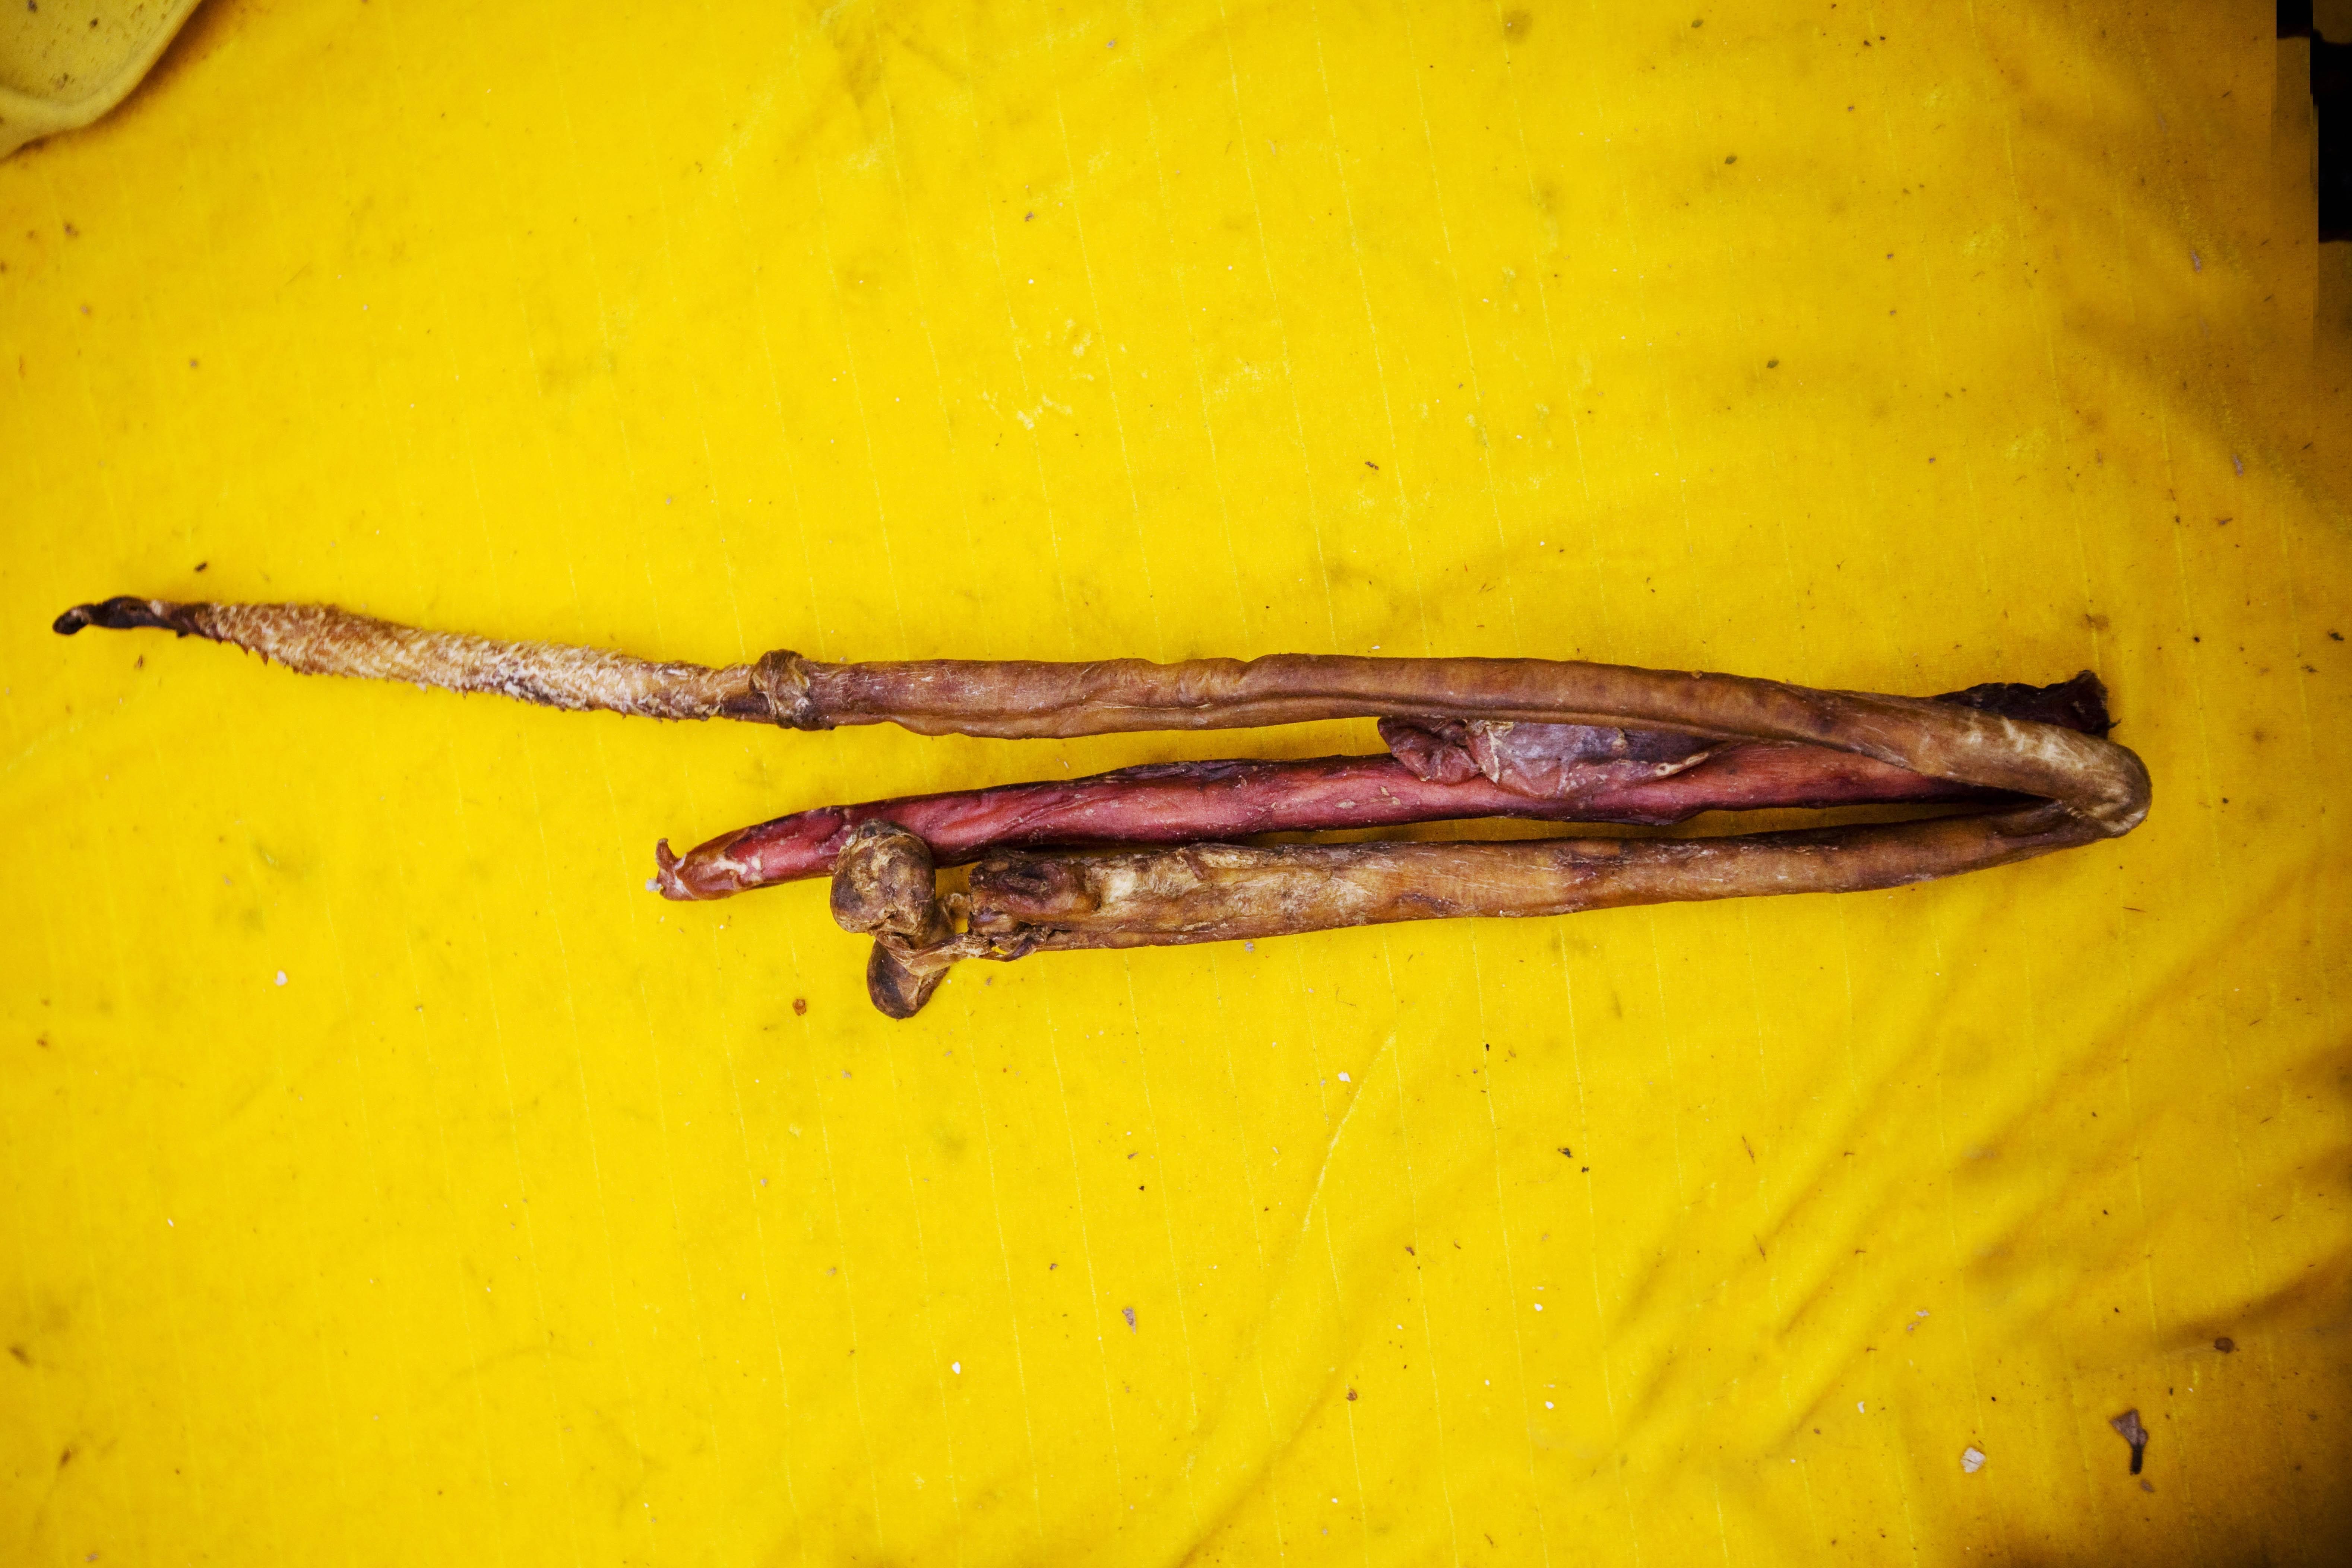 虎鞭在清平市场出售,这被认为是一味滋补壮阳的名贵中药材。 /CFP